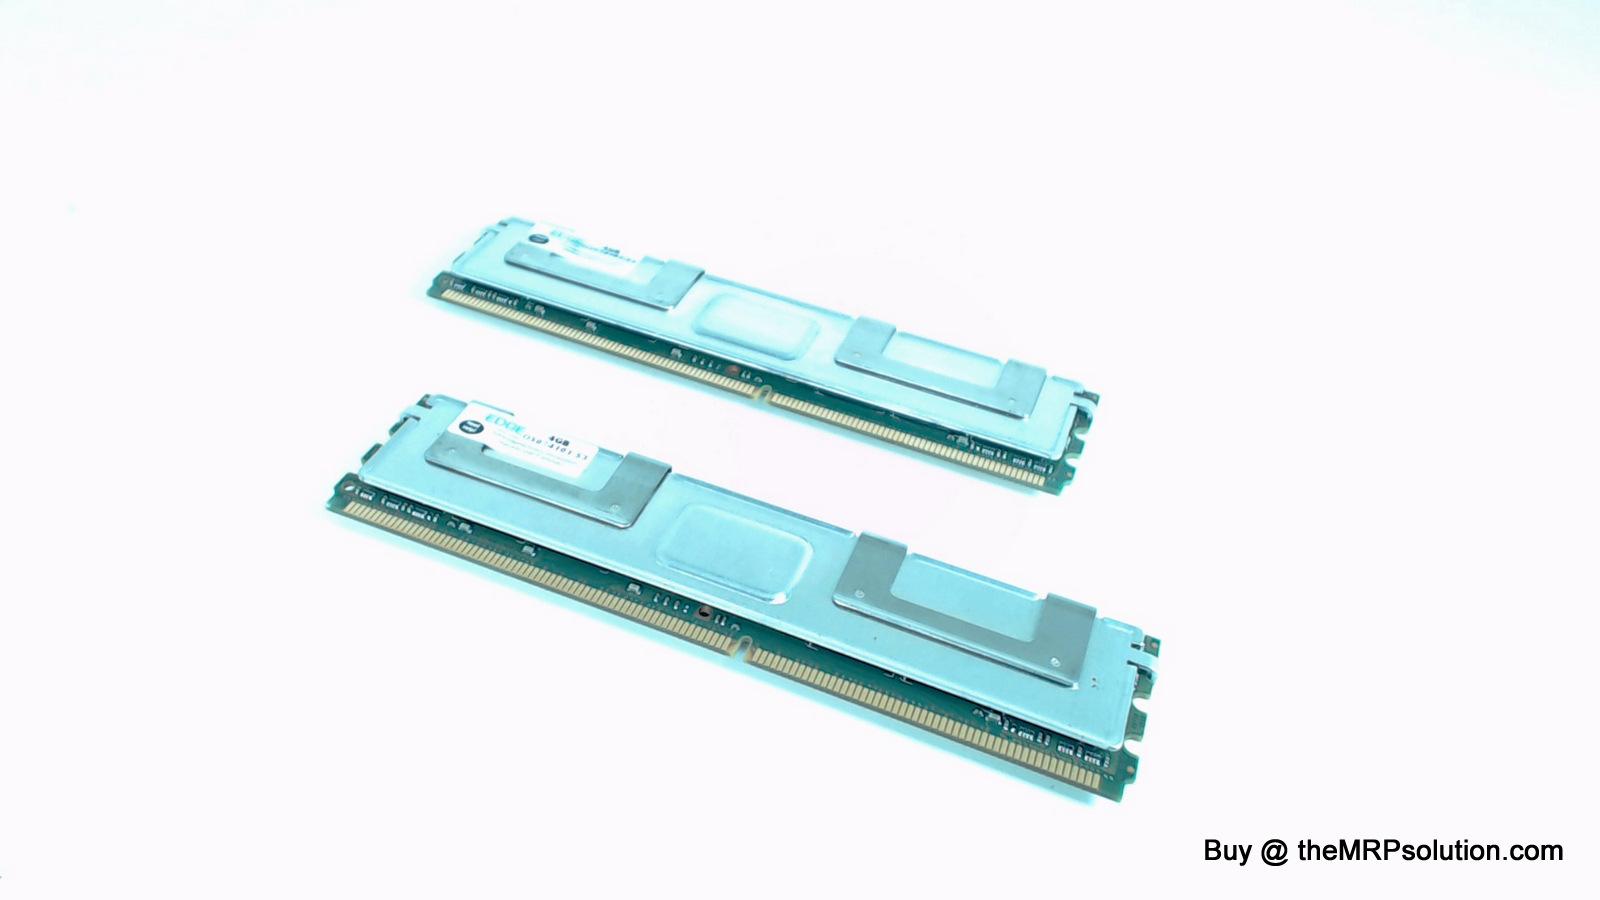 DELL NT4GTT72U4PB1UN-3C 4GB, 2RX4, PC2-5300F-555-11-01 New